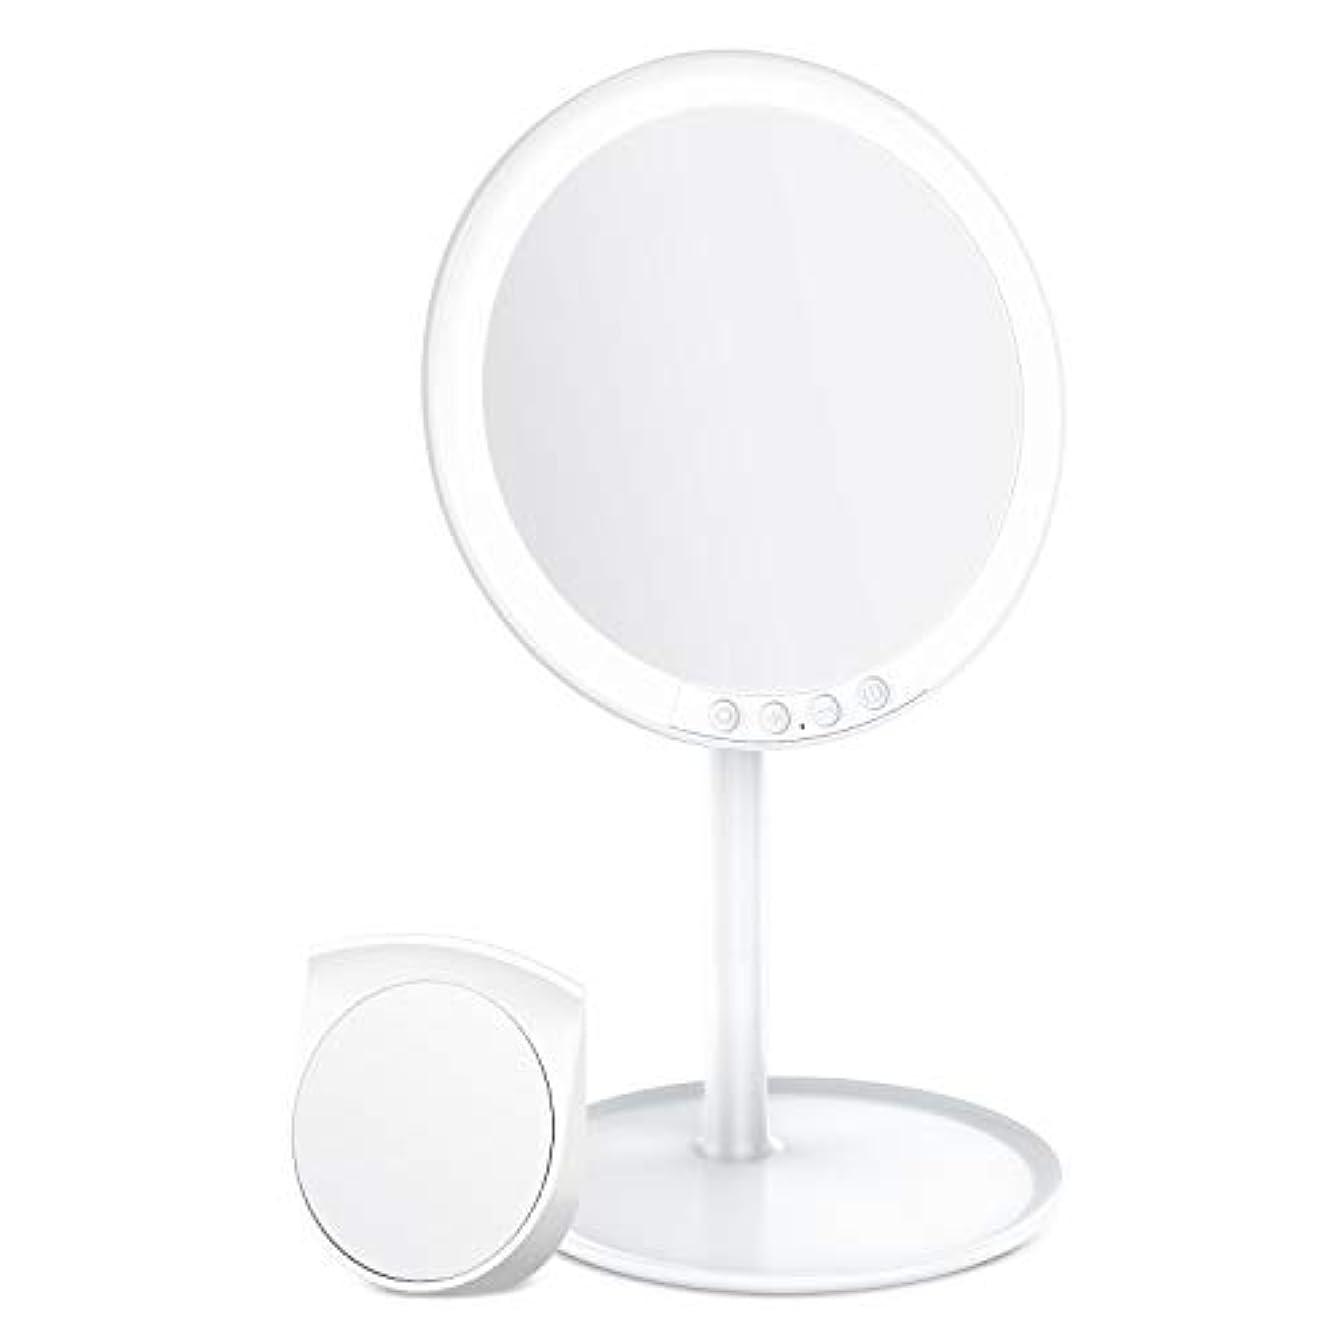 アトミックパトロールエンディングBESTOPE 化粧鏡 卓上ミラー 鏡 化粧ミラー 女優ミラー 充電式 led付き 7倍拡大鏡付き 寒暖色調節可能 明るさ調節可能 120°回転 ホワイト